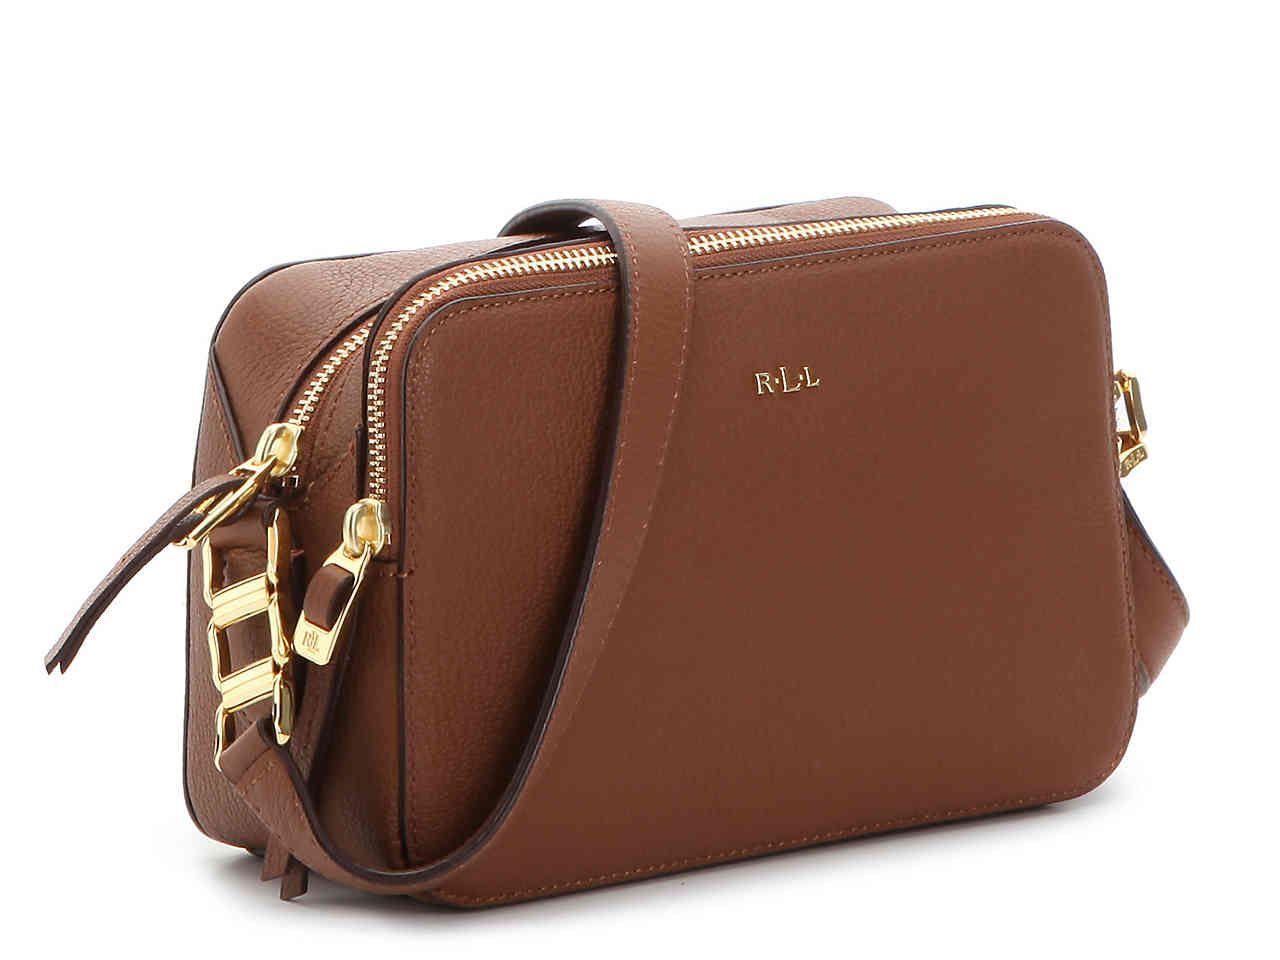 62ee22ee9a Lauren Ralph Lauren Rawson Celeste Leather Crossbody Bag Women s Handbags    Accessories